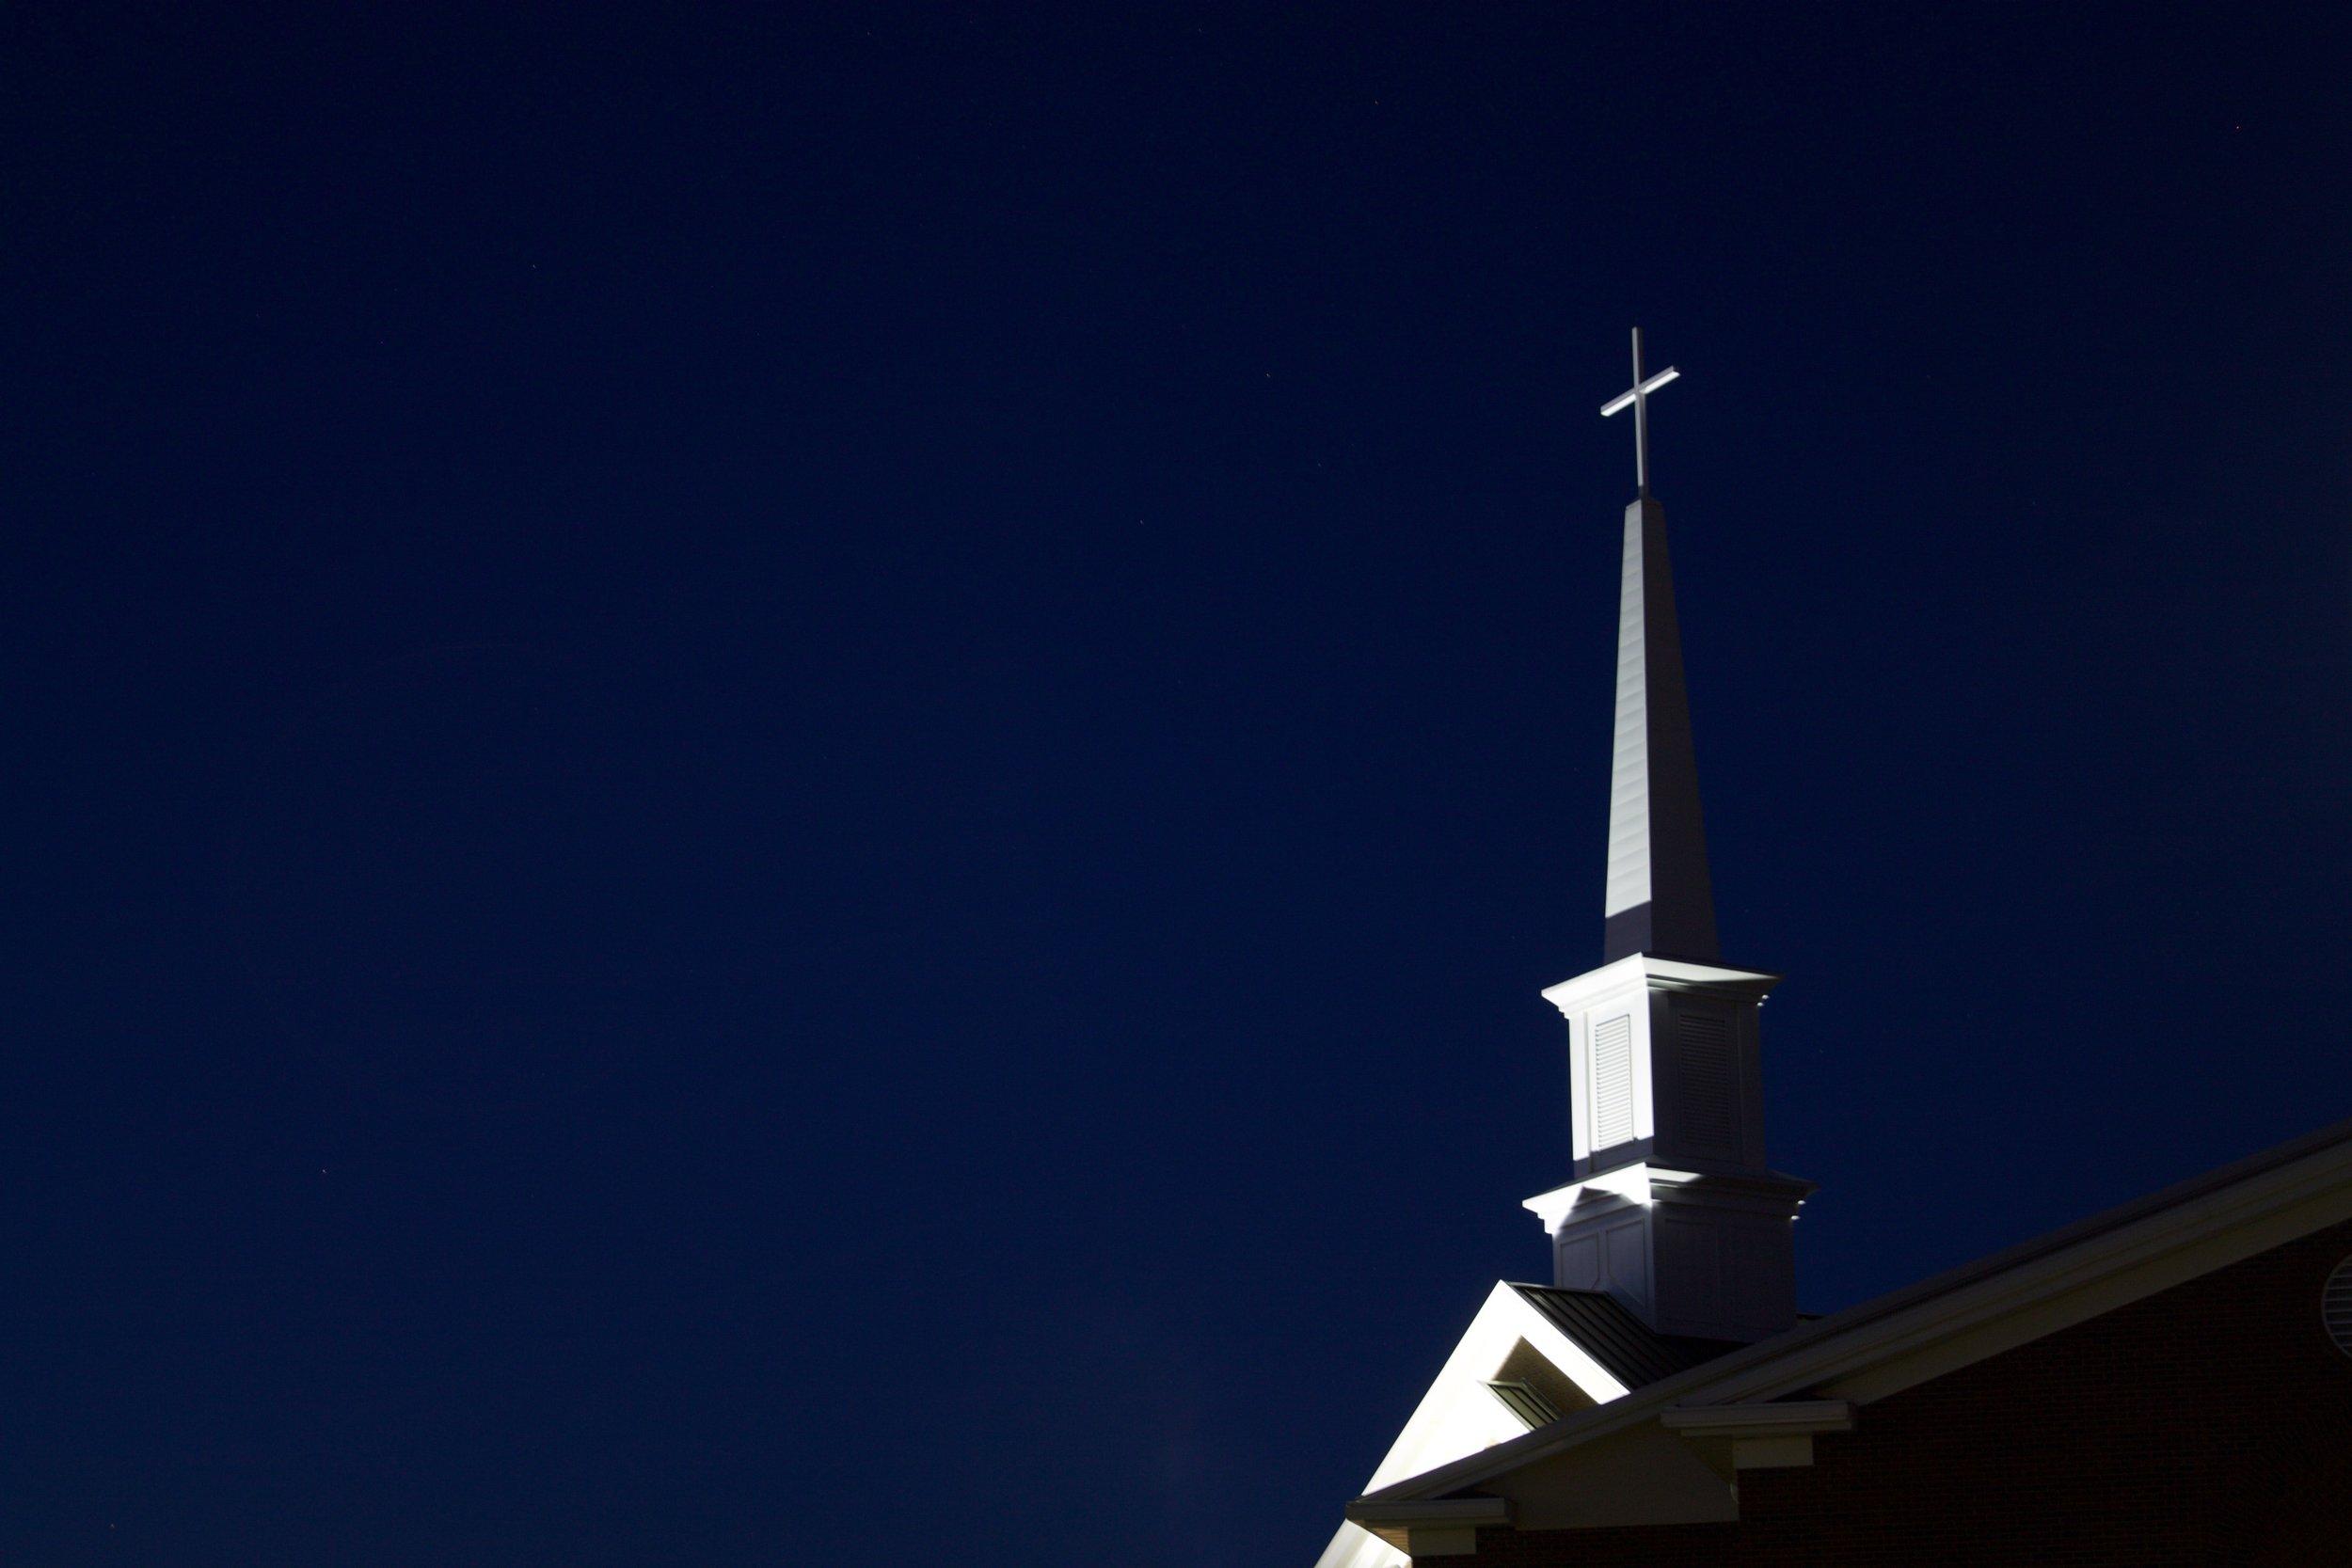 Texas Church Steeple Illuminated at Night